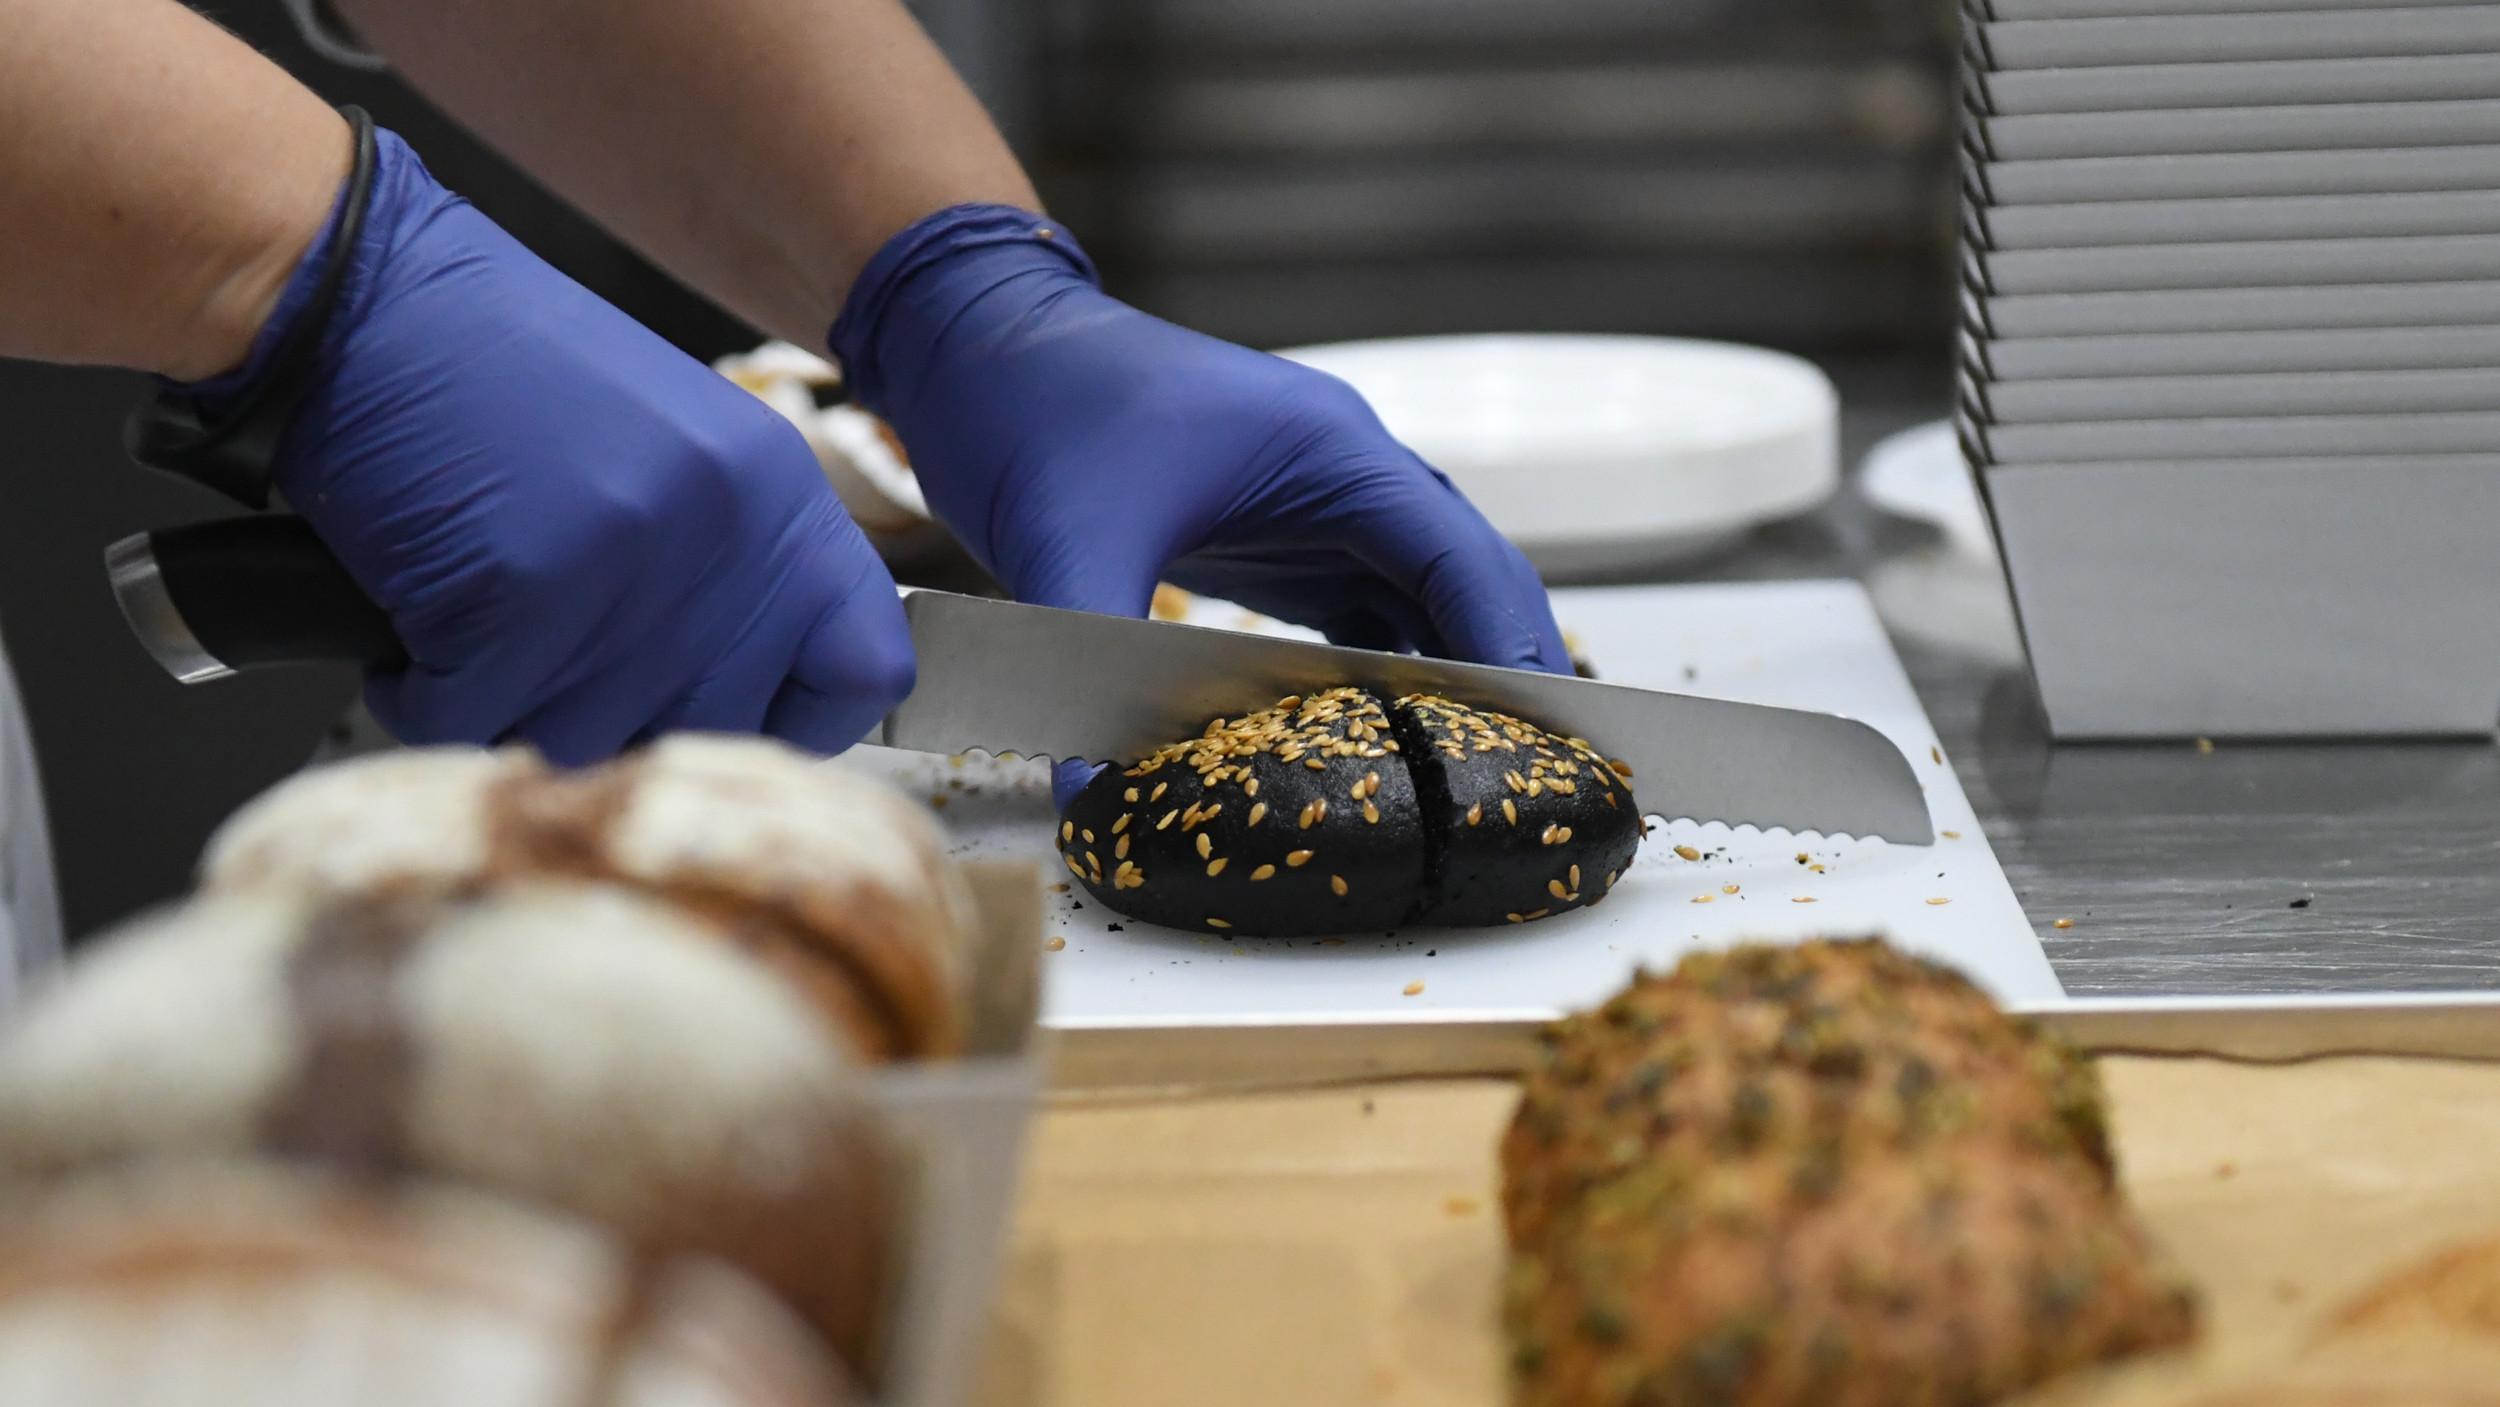 Губернатор посетил новую фабрику по производству хлеба и выпечки в Волоколамском округе